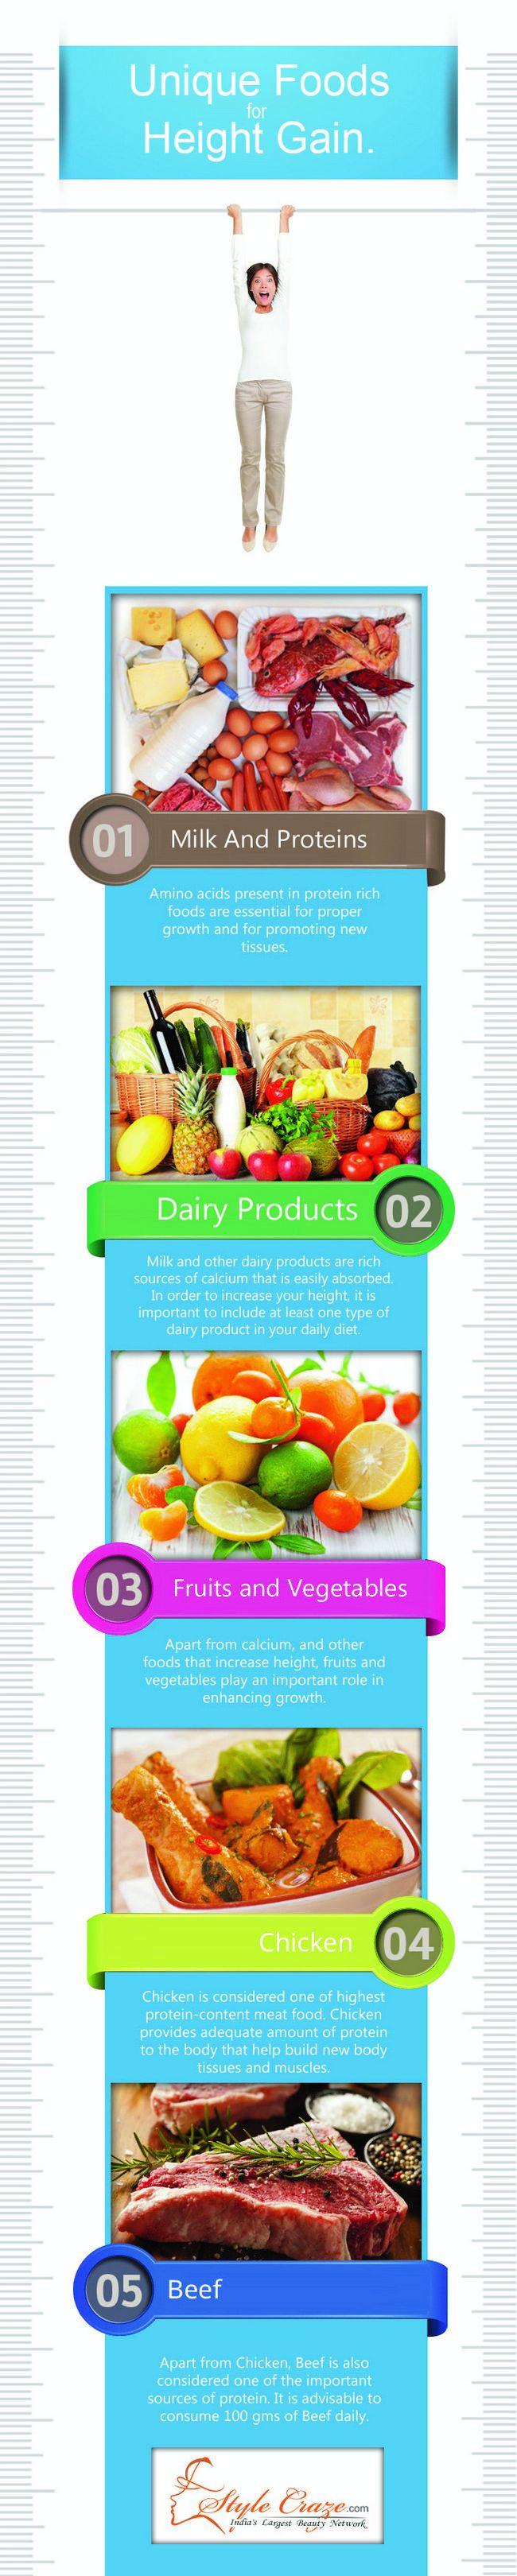 10 Amazing Lebensmittel und Ernährung zur Steigerung der Höhe